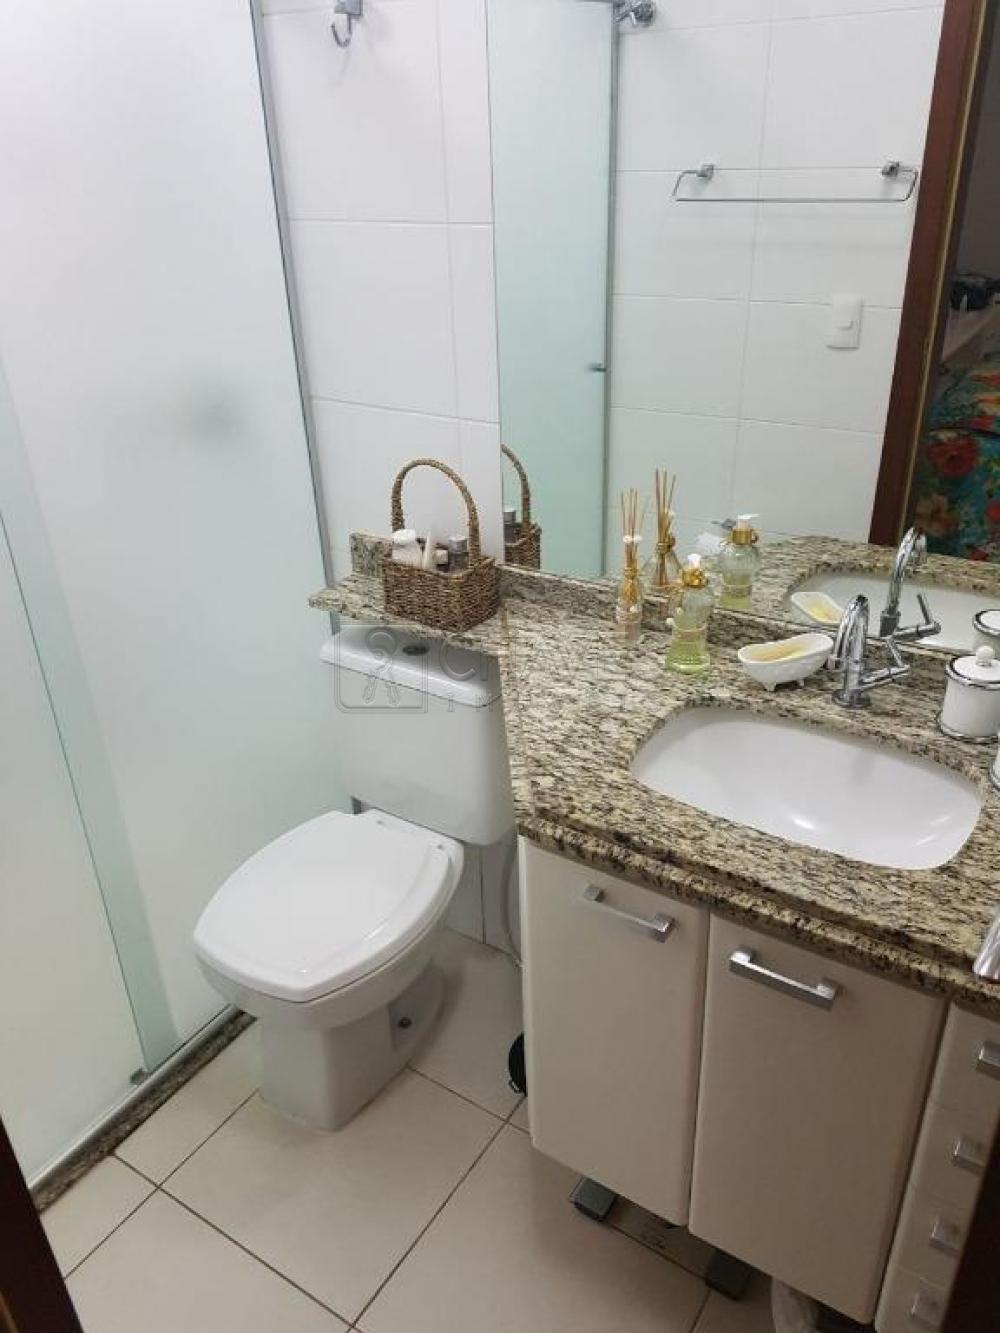 Comprar Apartamento / Padrão em Ribeirão Preto apenas R$ 700.000,00 - Foto 13